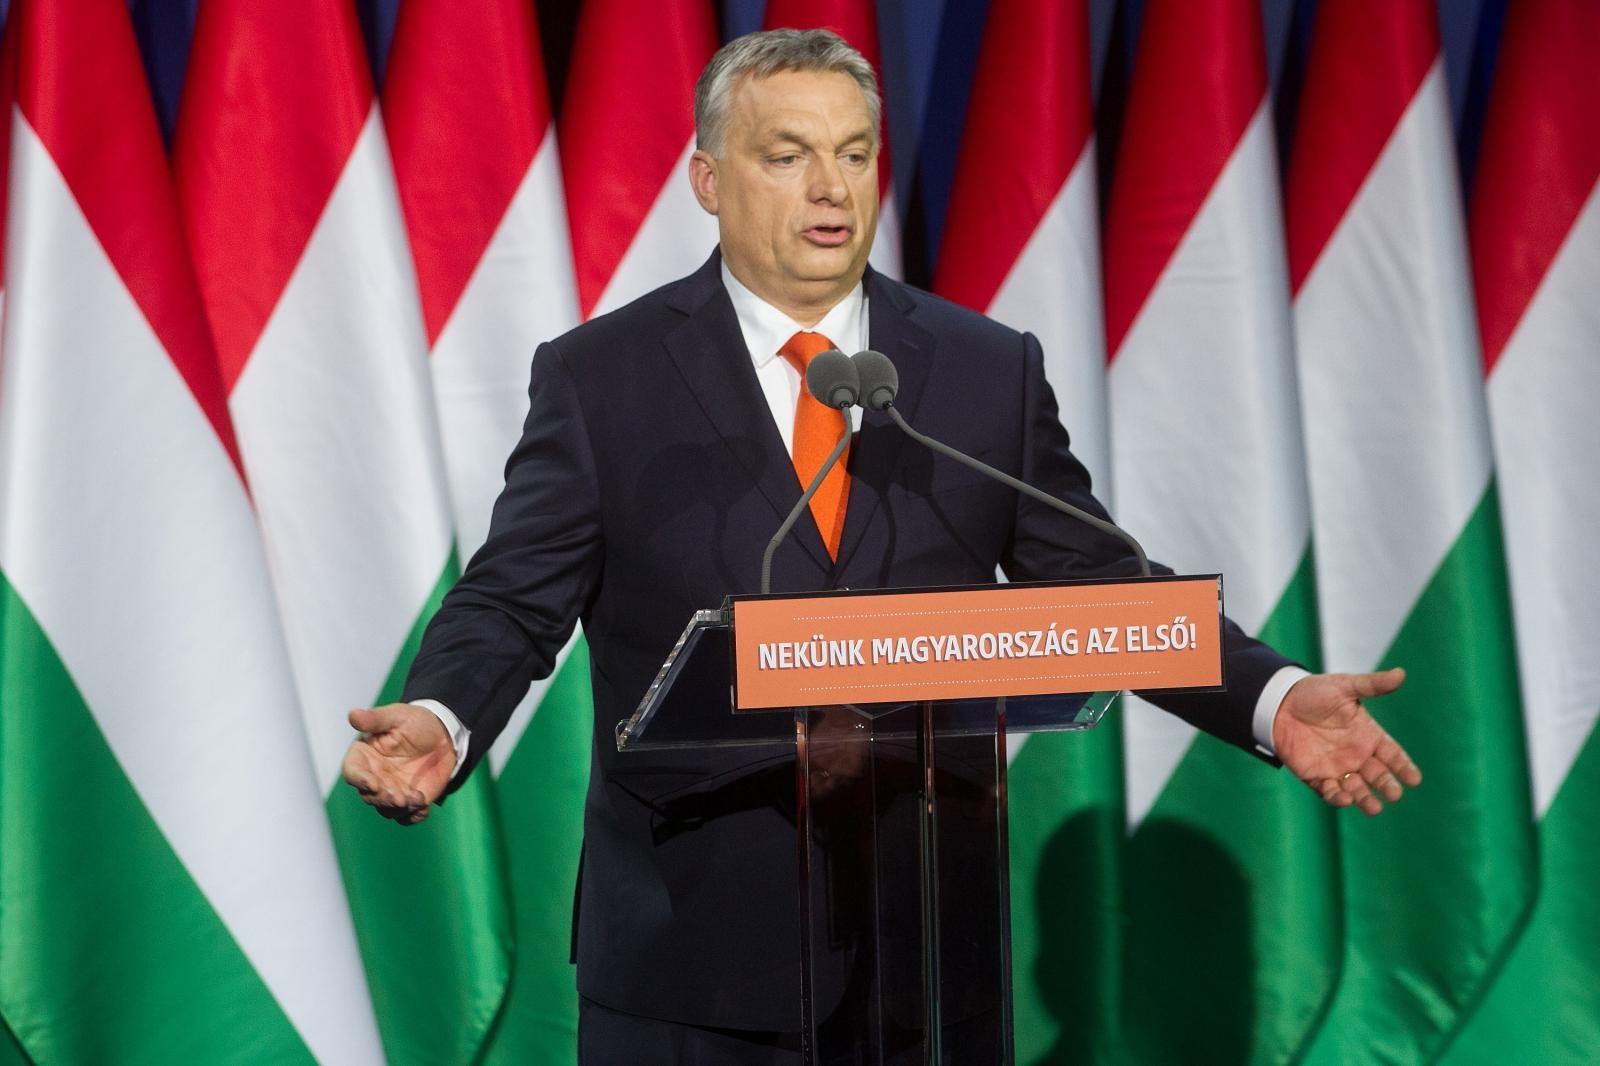 Viktor Orbán Vir: Pixsell